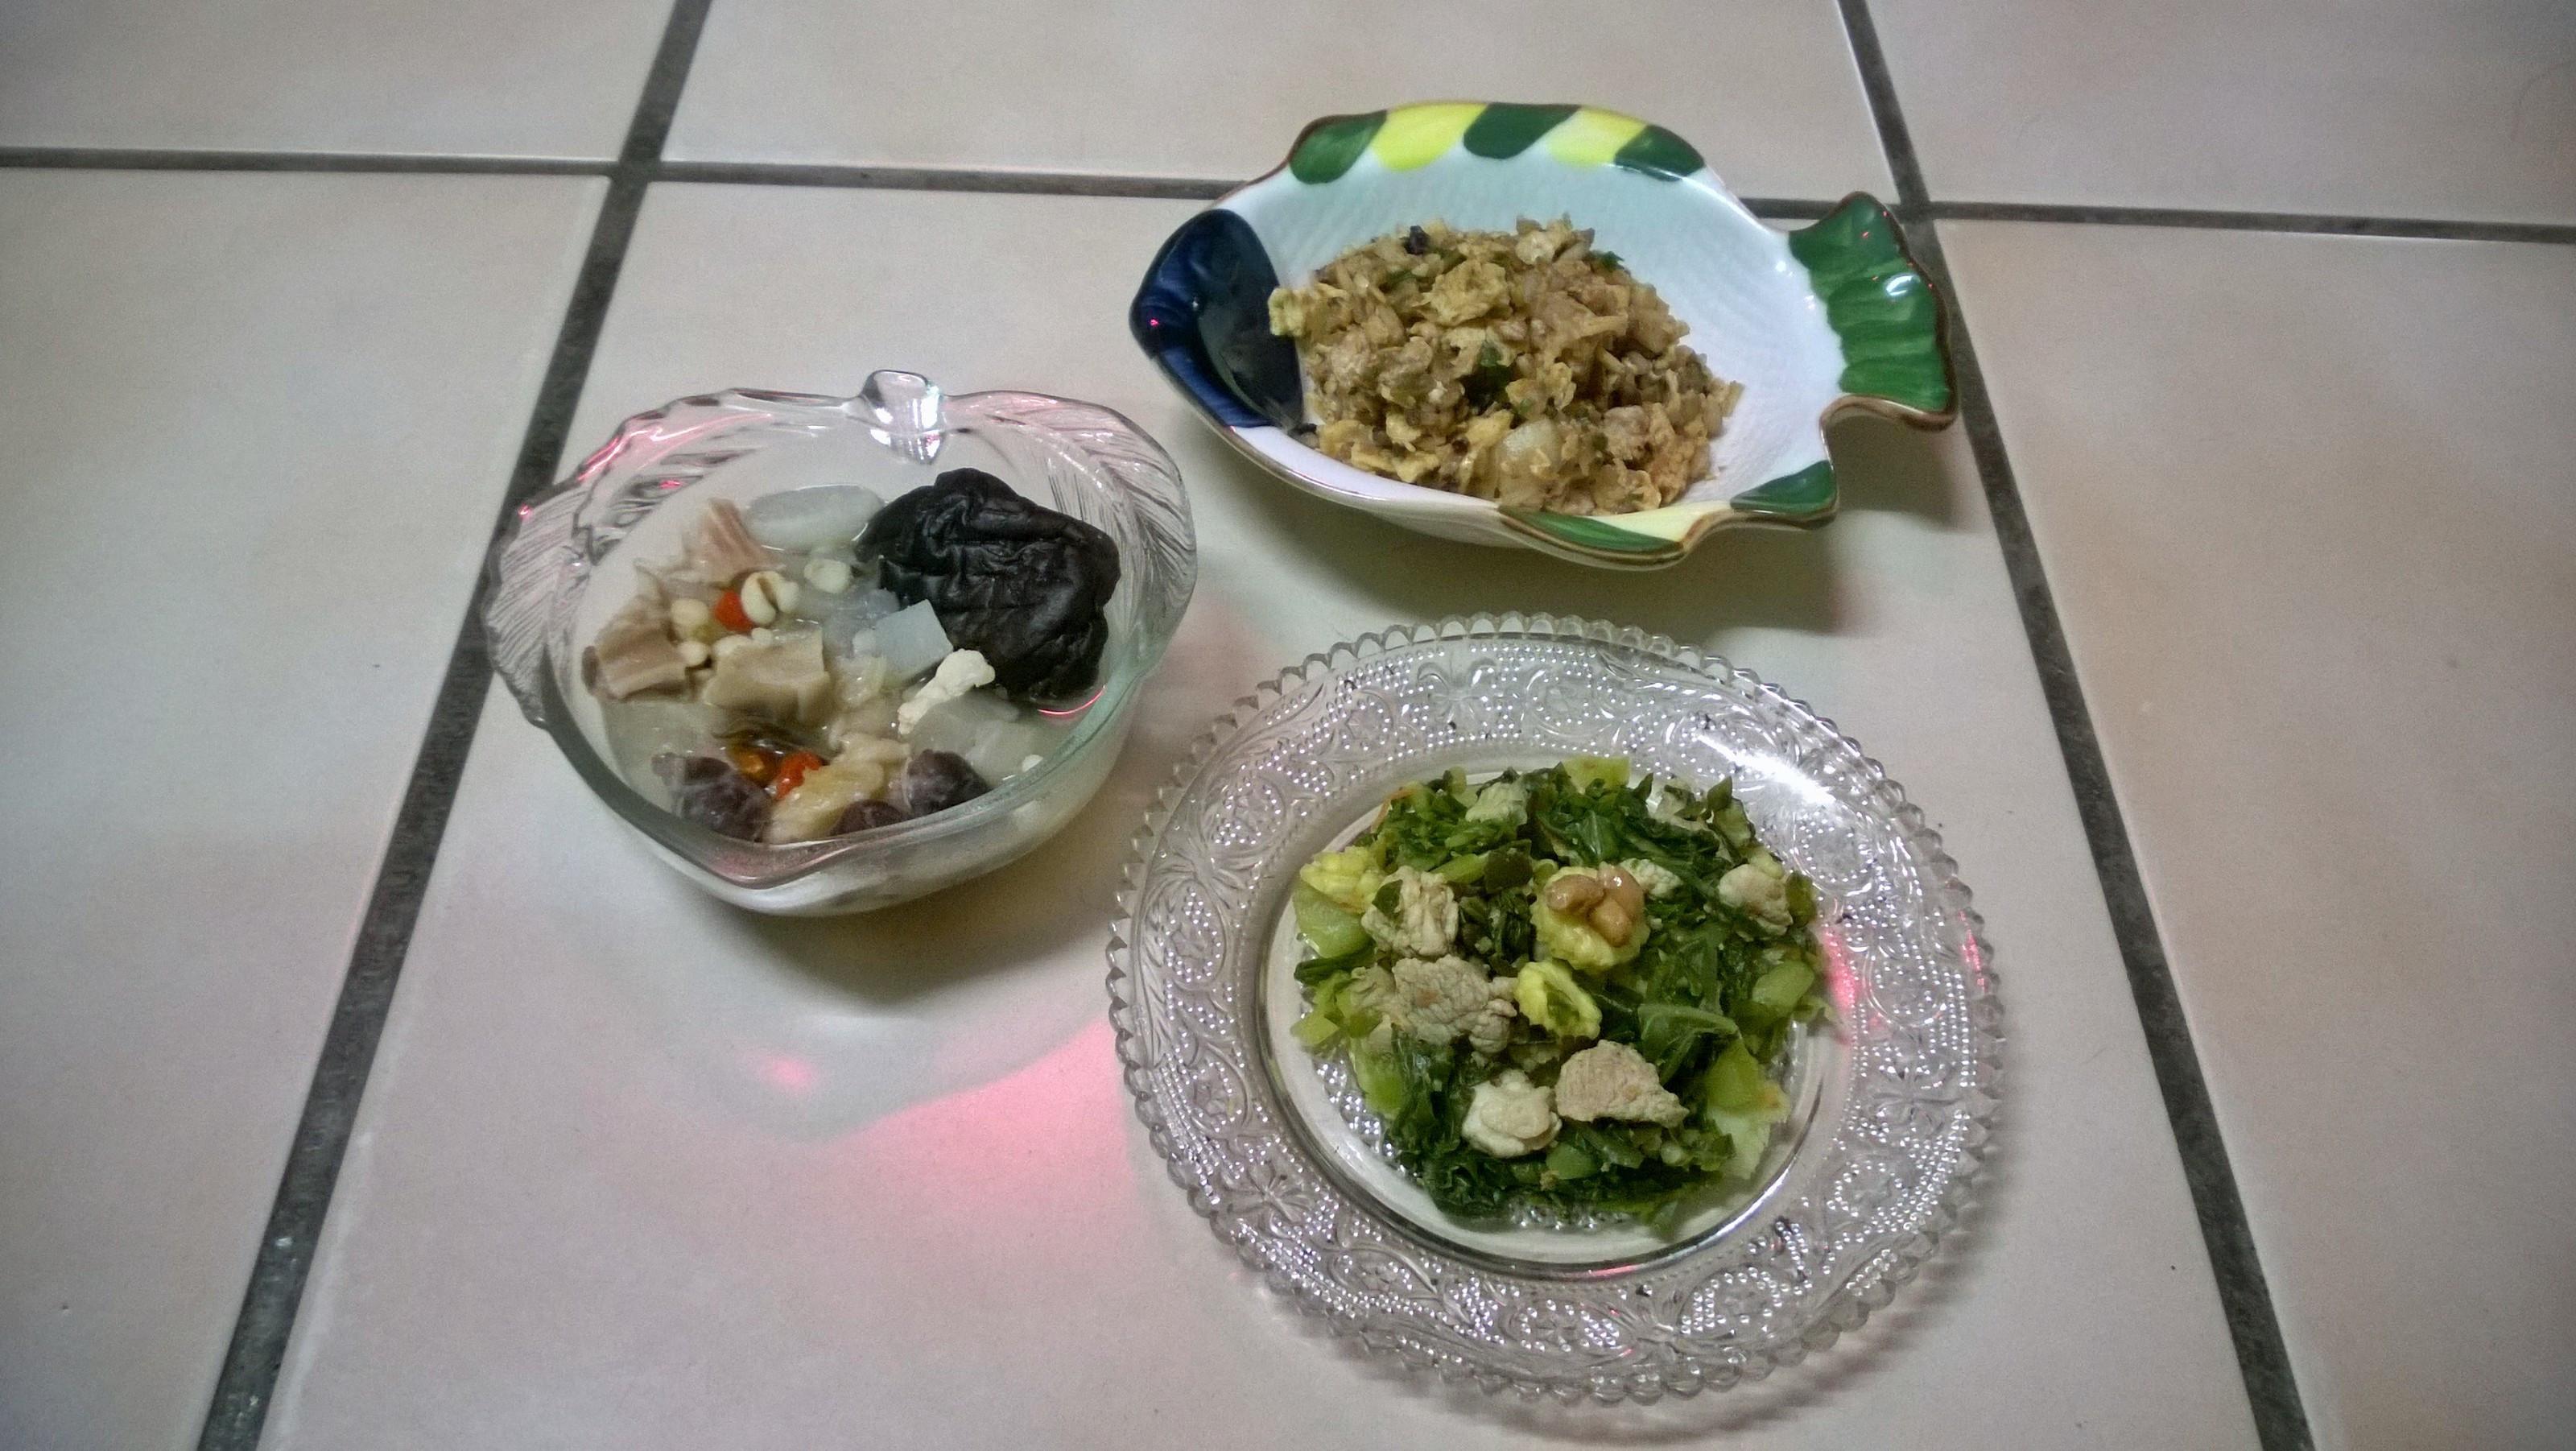 鮮食🐾薏仁豬肚湯 茄汁蛋炒飯 納豆拌菜